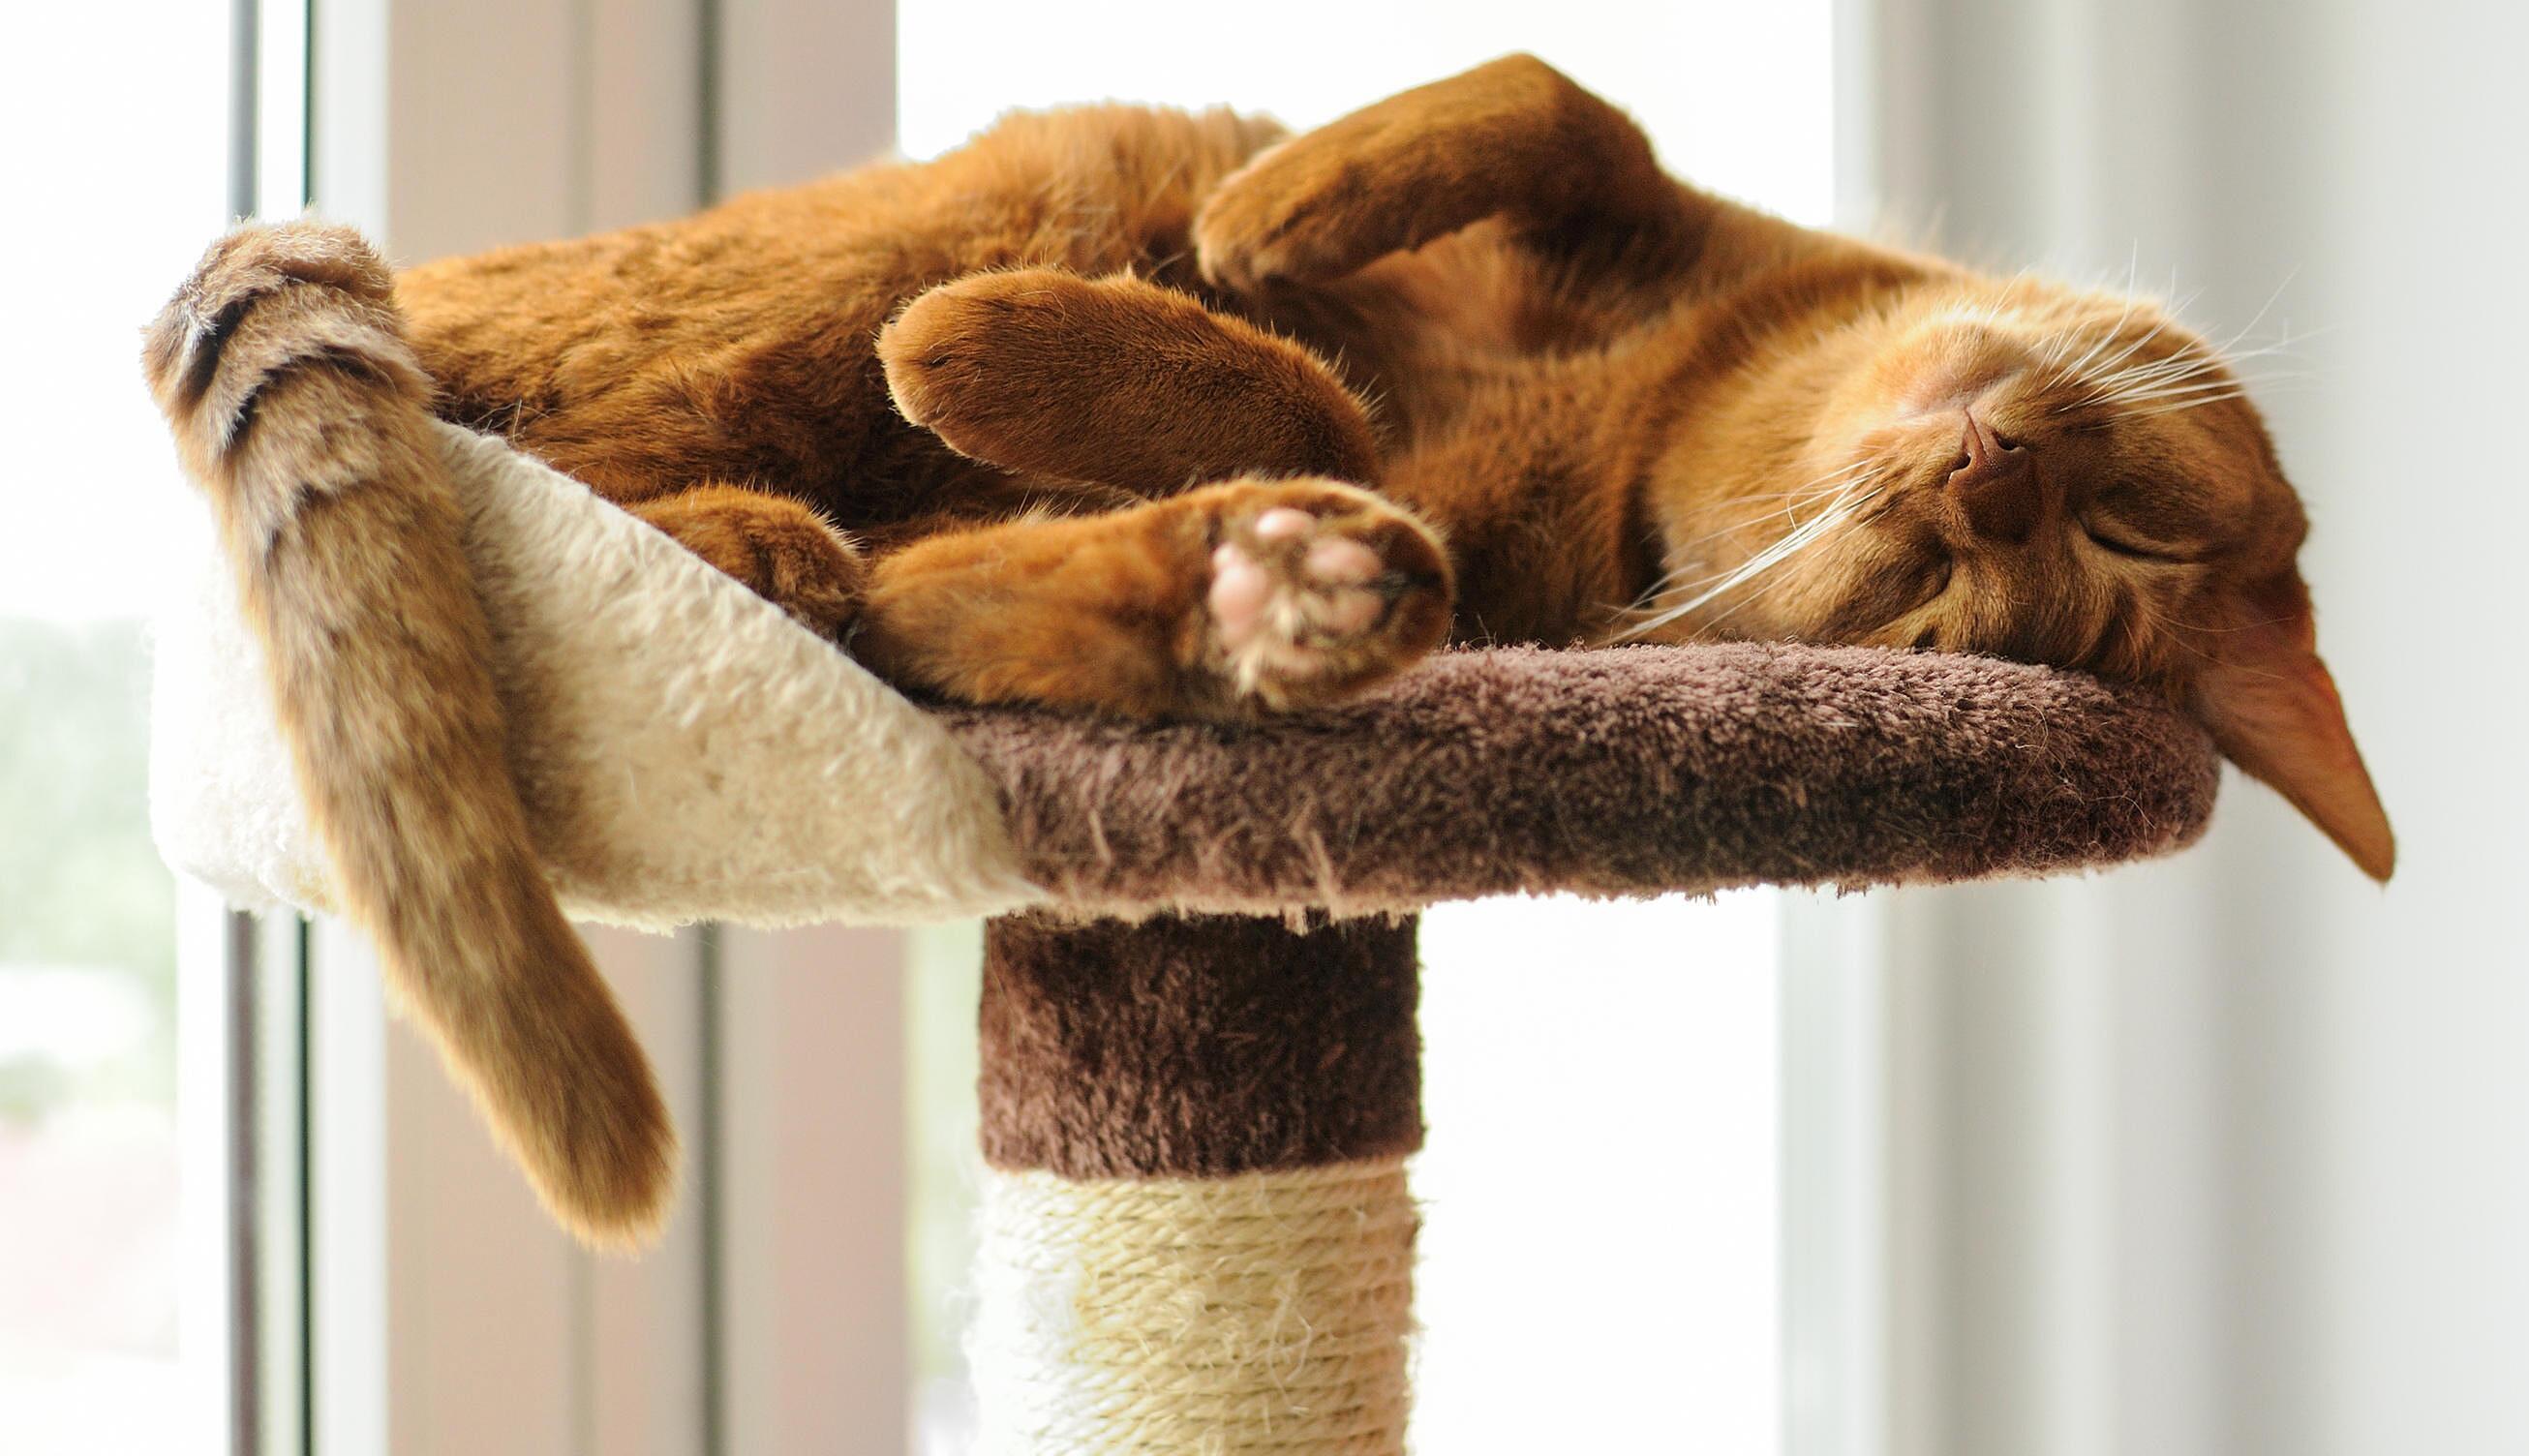 Bild zu Katze, Katzenhalter, Kratzbaum, Futterautomat, Katzenzubehör, Tiere